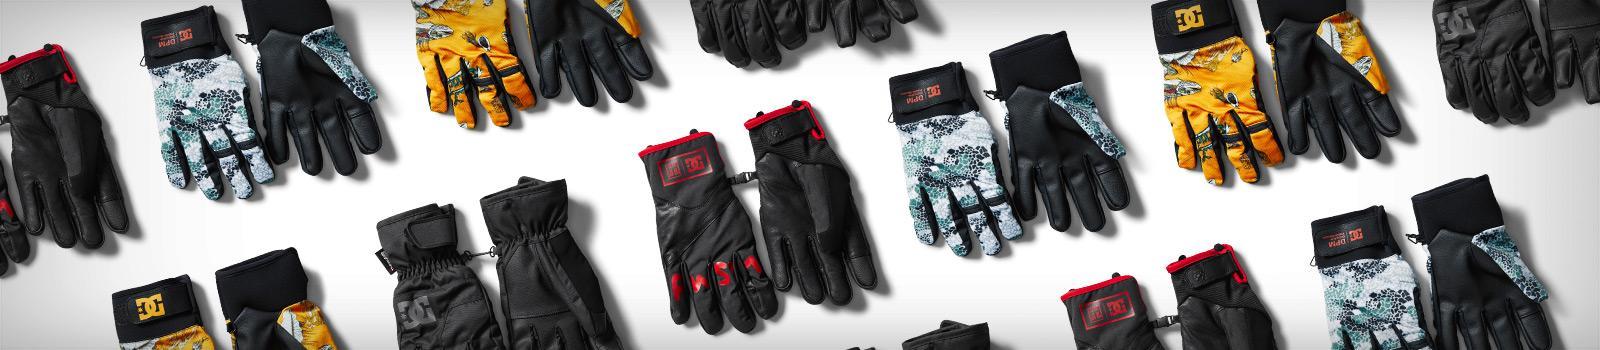 Мужские сноубордические перчатки